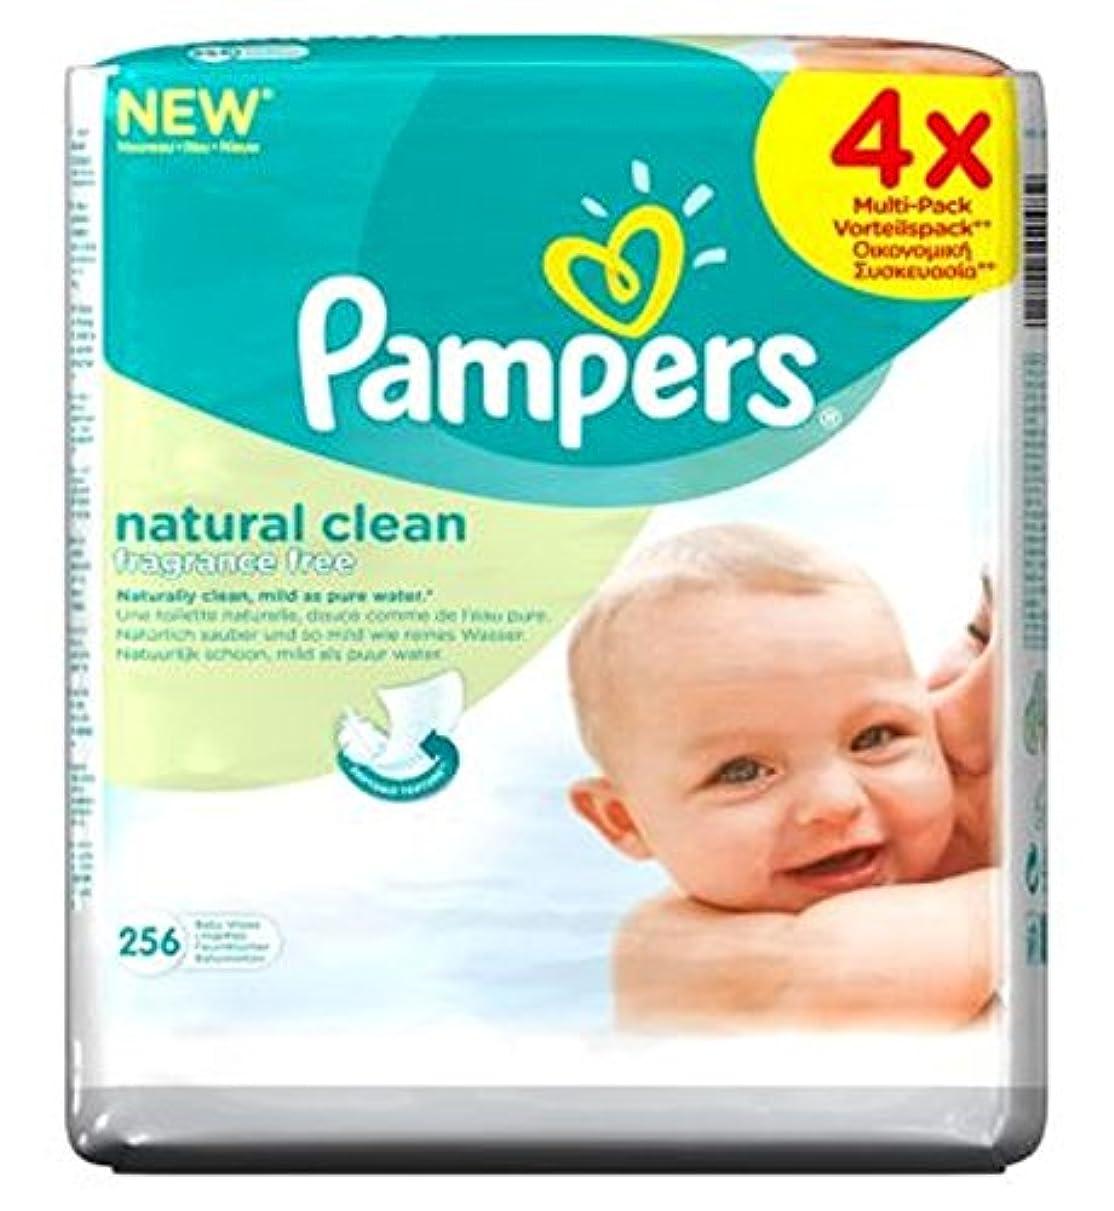 自然のきれいな赤ちゃんは256ワイプ4X64Packsワイプパンパース (Pampers) (x2) - Pampers Natural Clean Baby Wipes 4x64Packs 256 Wipes (Pack...